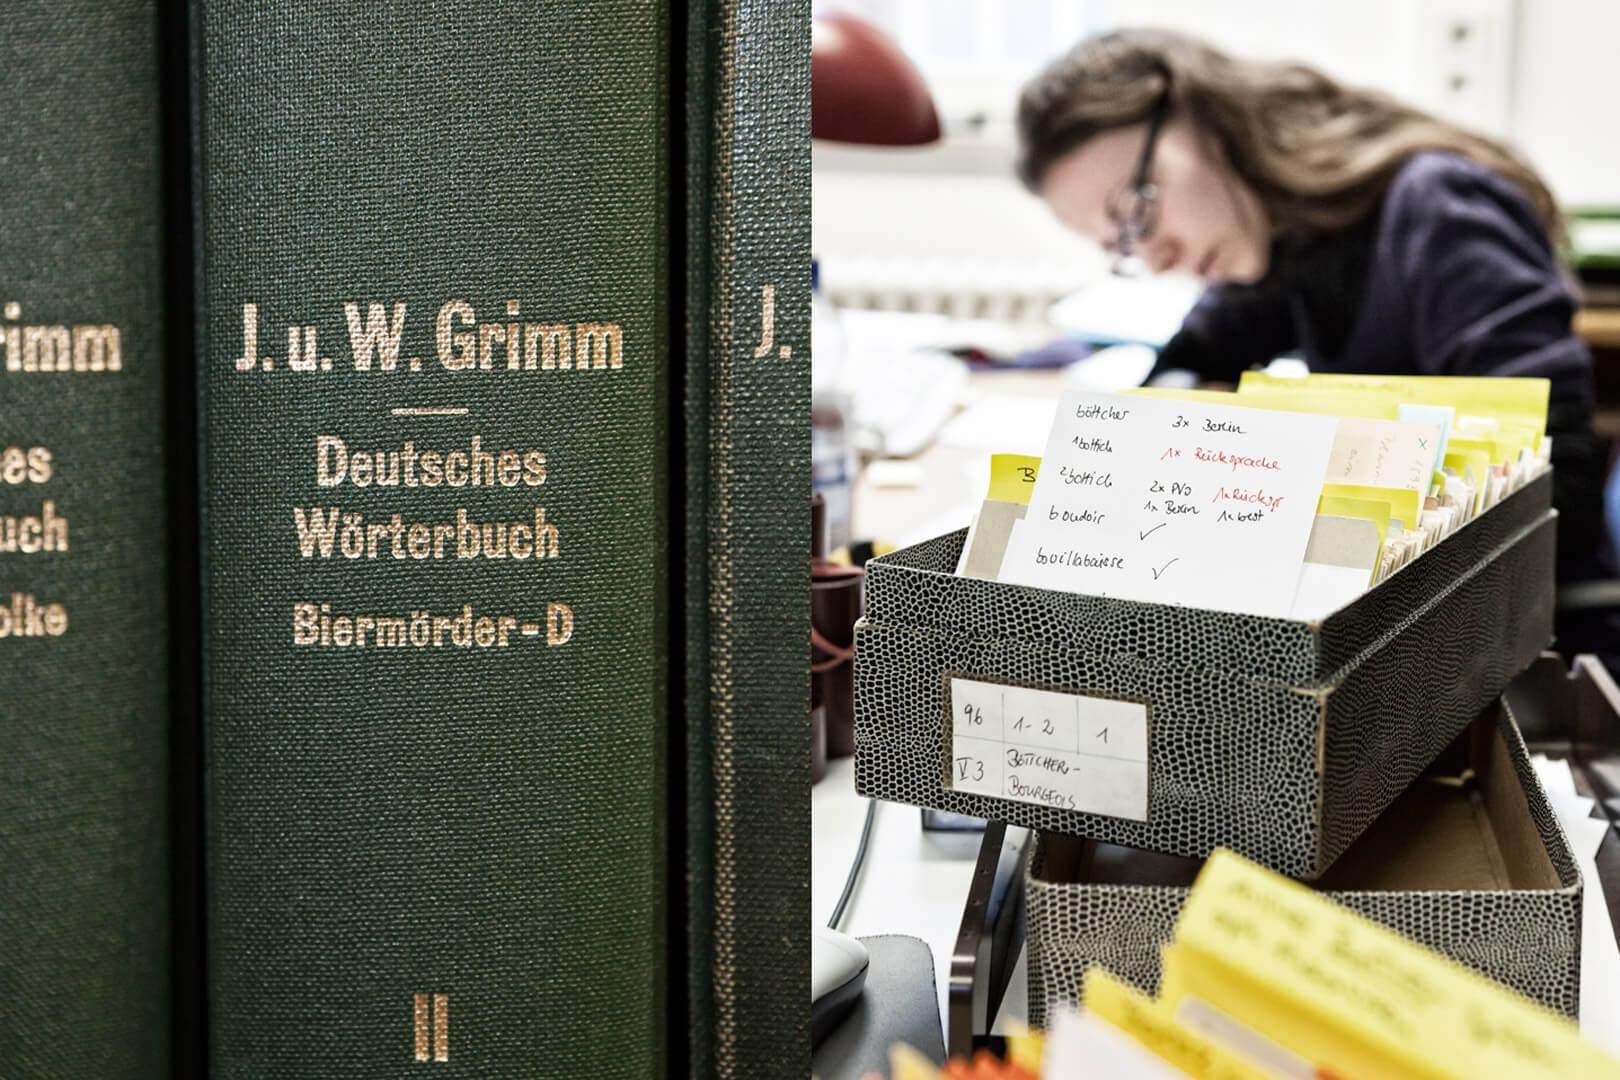 Deutsches Wörterbuch, Göttingen